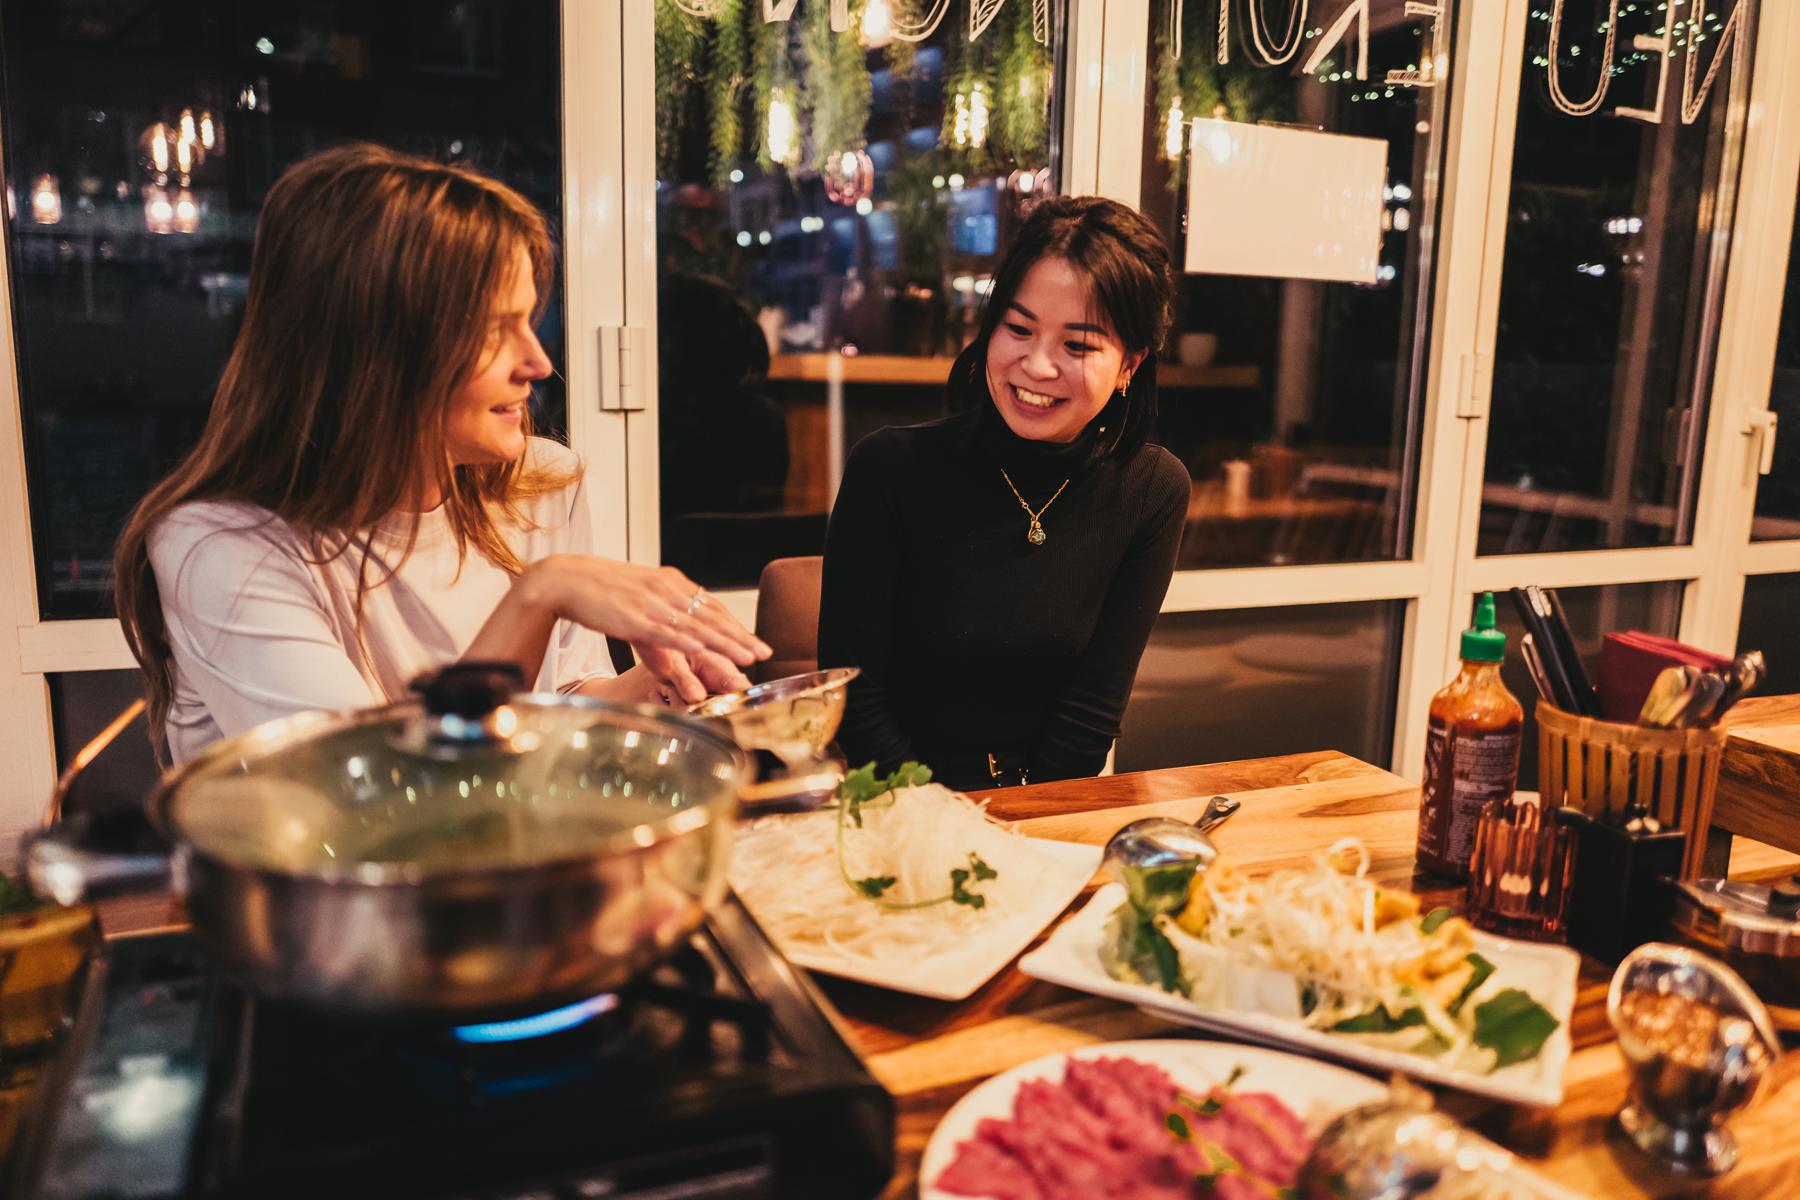 Geheimtipp Hamburg Essen & Trinken Restaurant Barmbek Di An Di Dahlina Sophie Kock 16